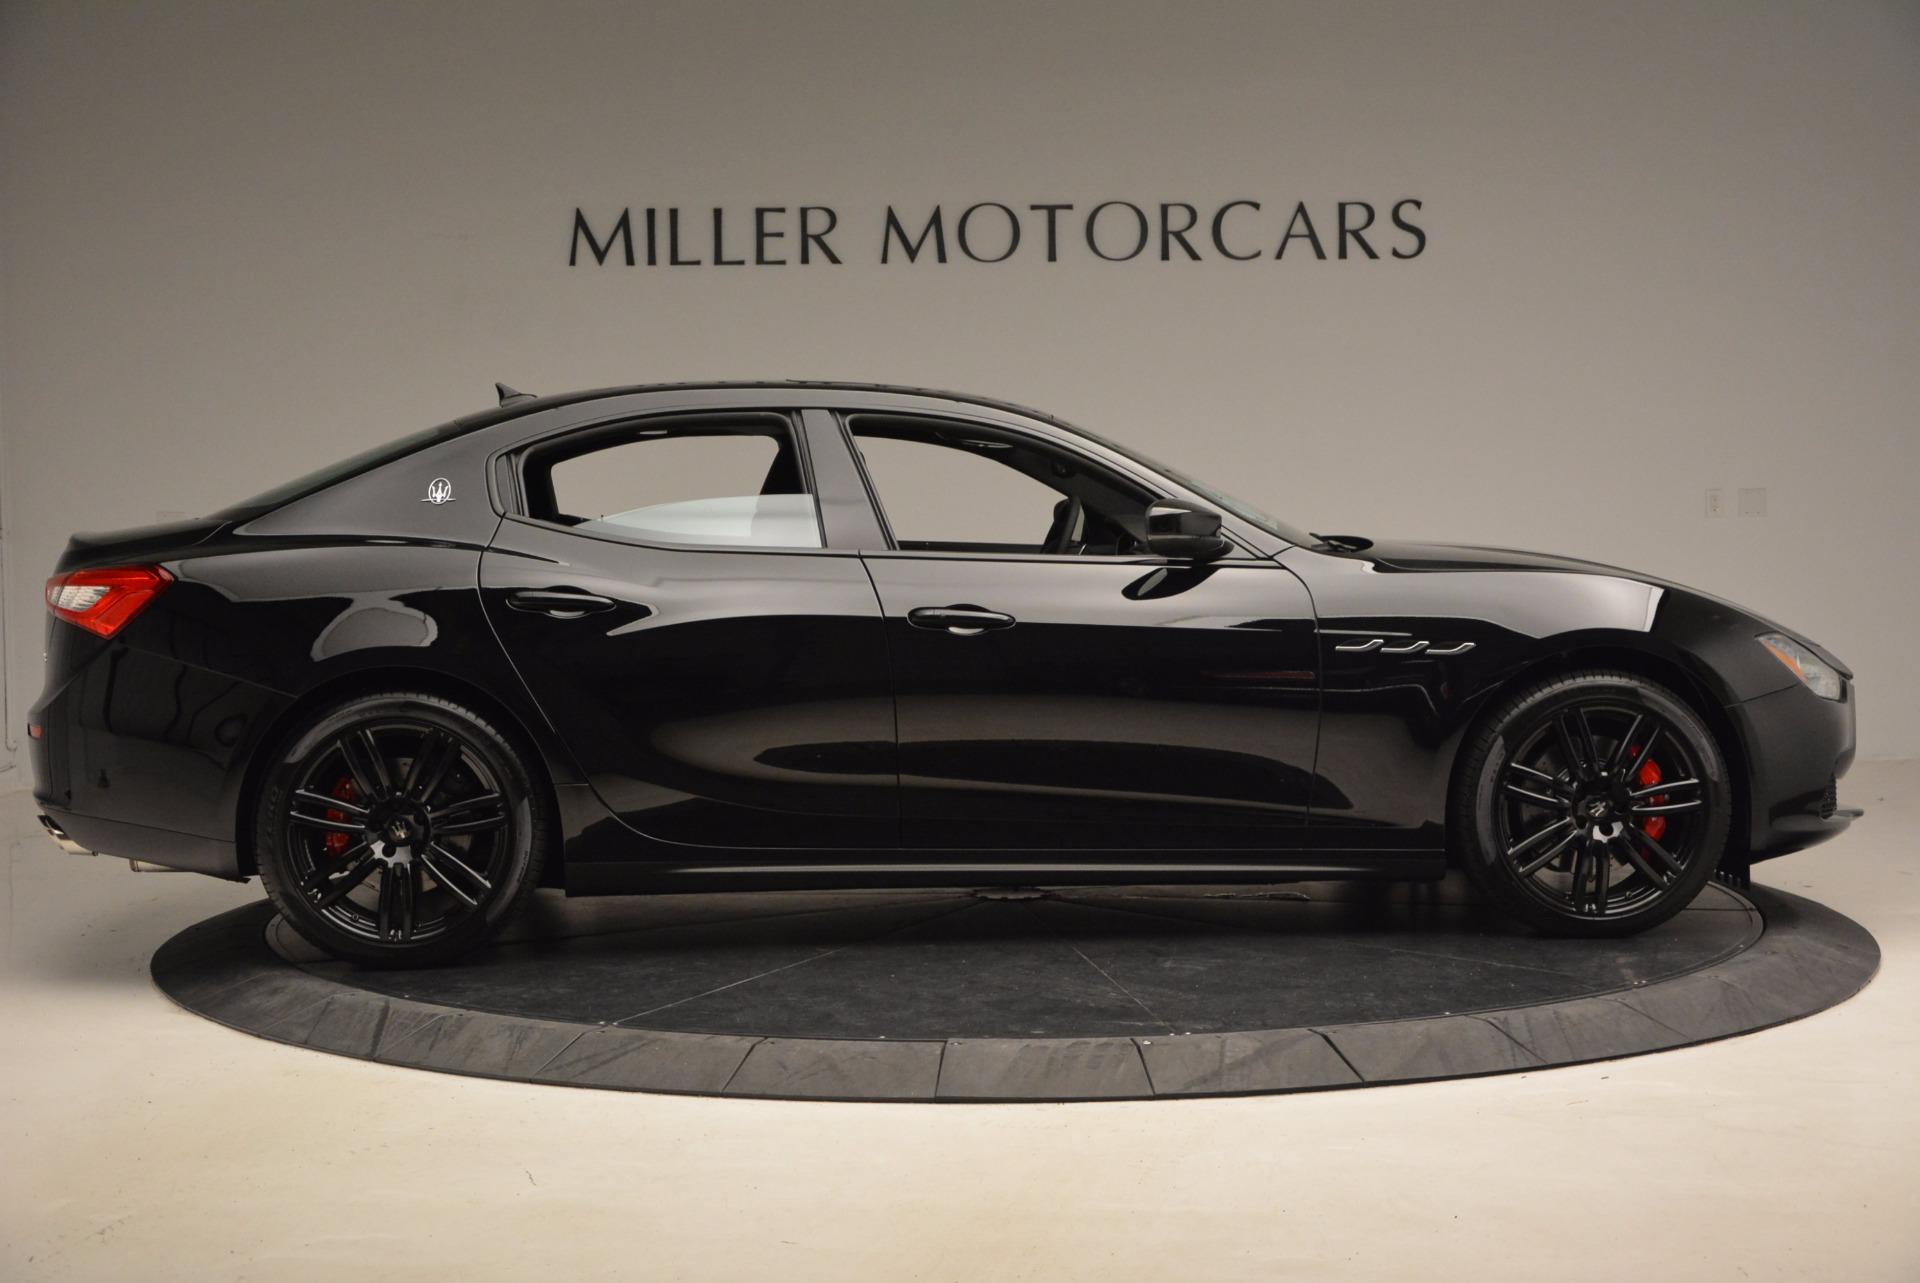 New 2017 Maserati Ghibli SQ4 S Q4 Nerissimo Edition For Sale In Greenwich, CT 1334_p9